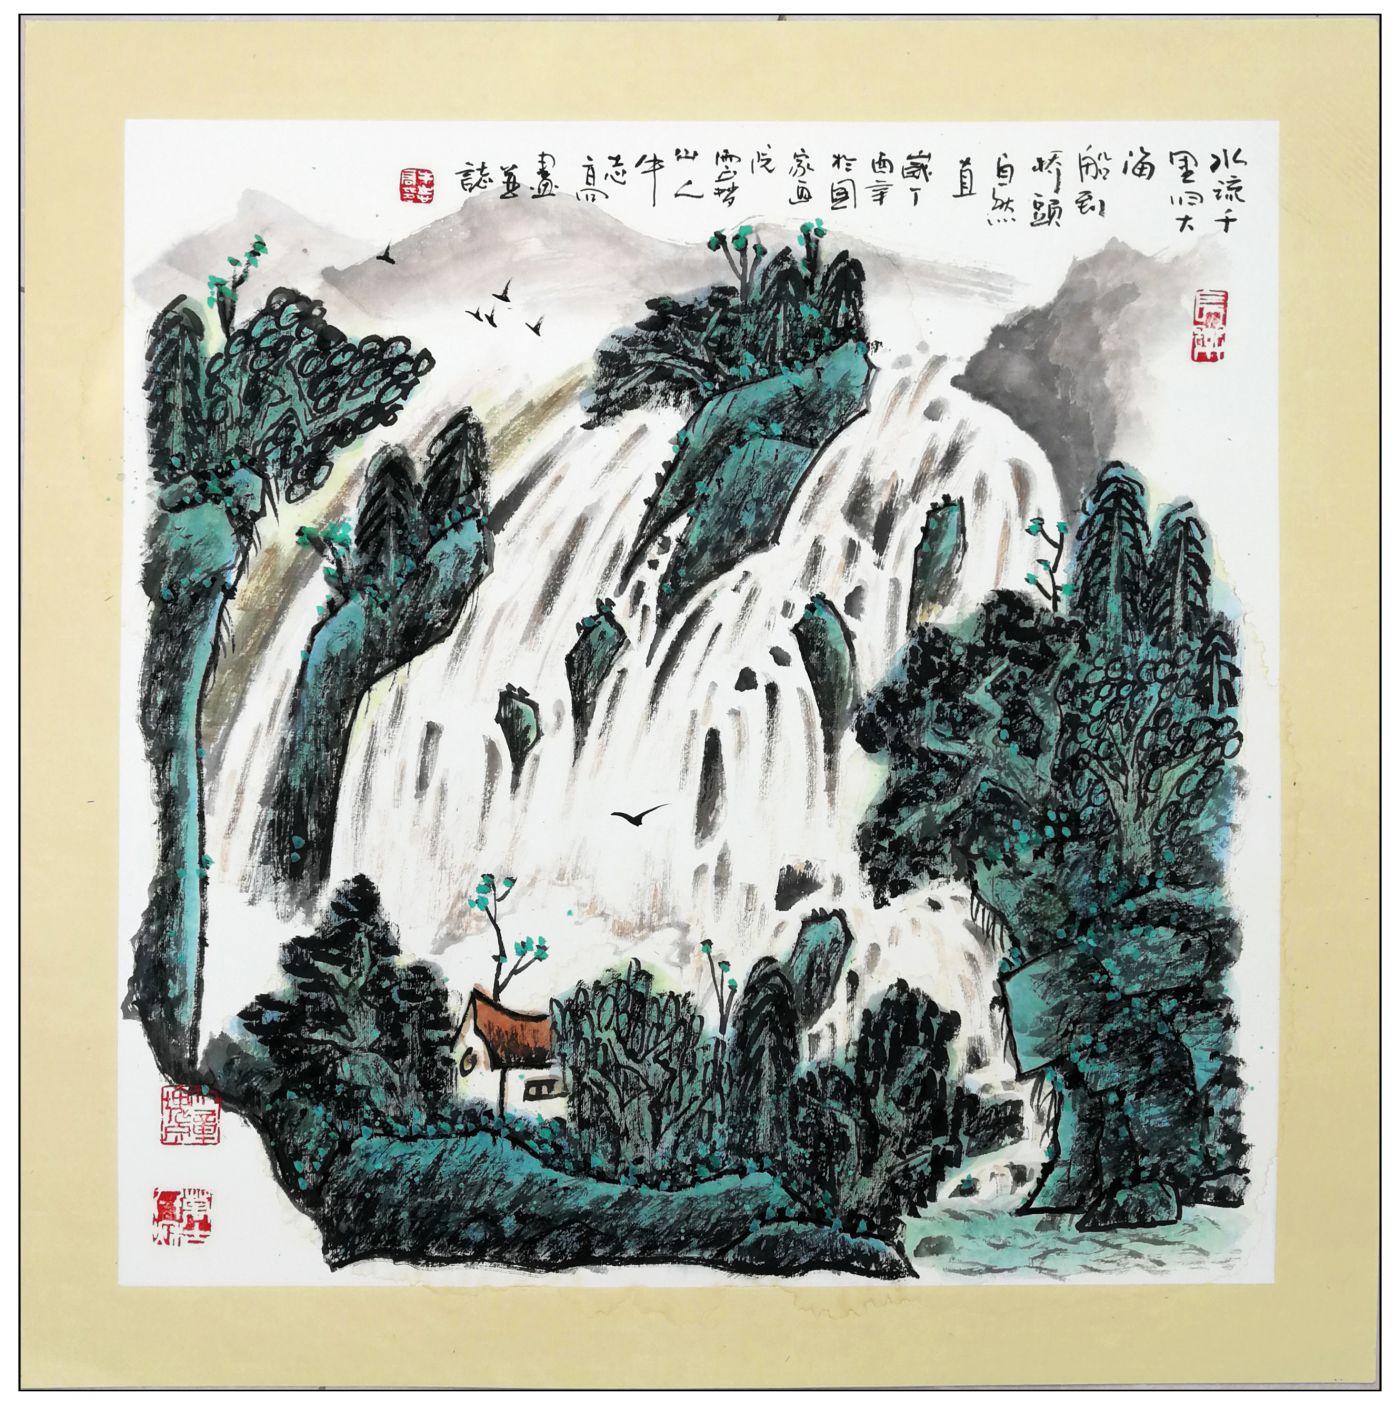 牛志高山水画精品100付集粹---2021.01.05_图1-33